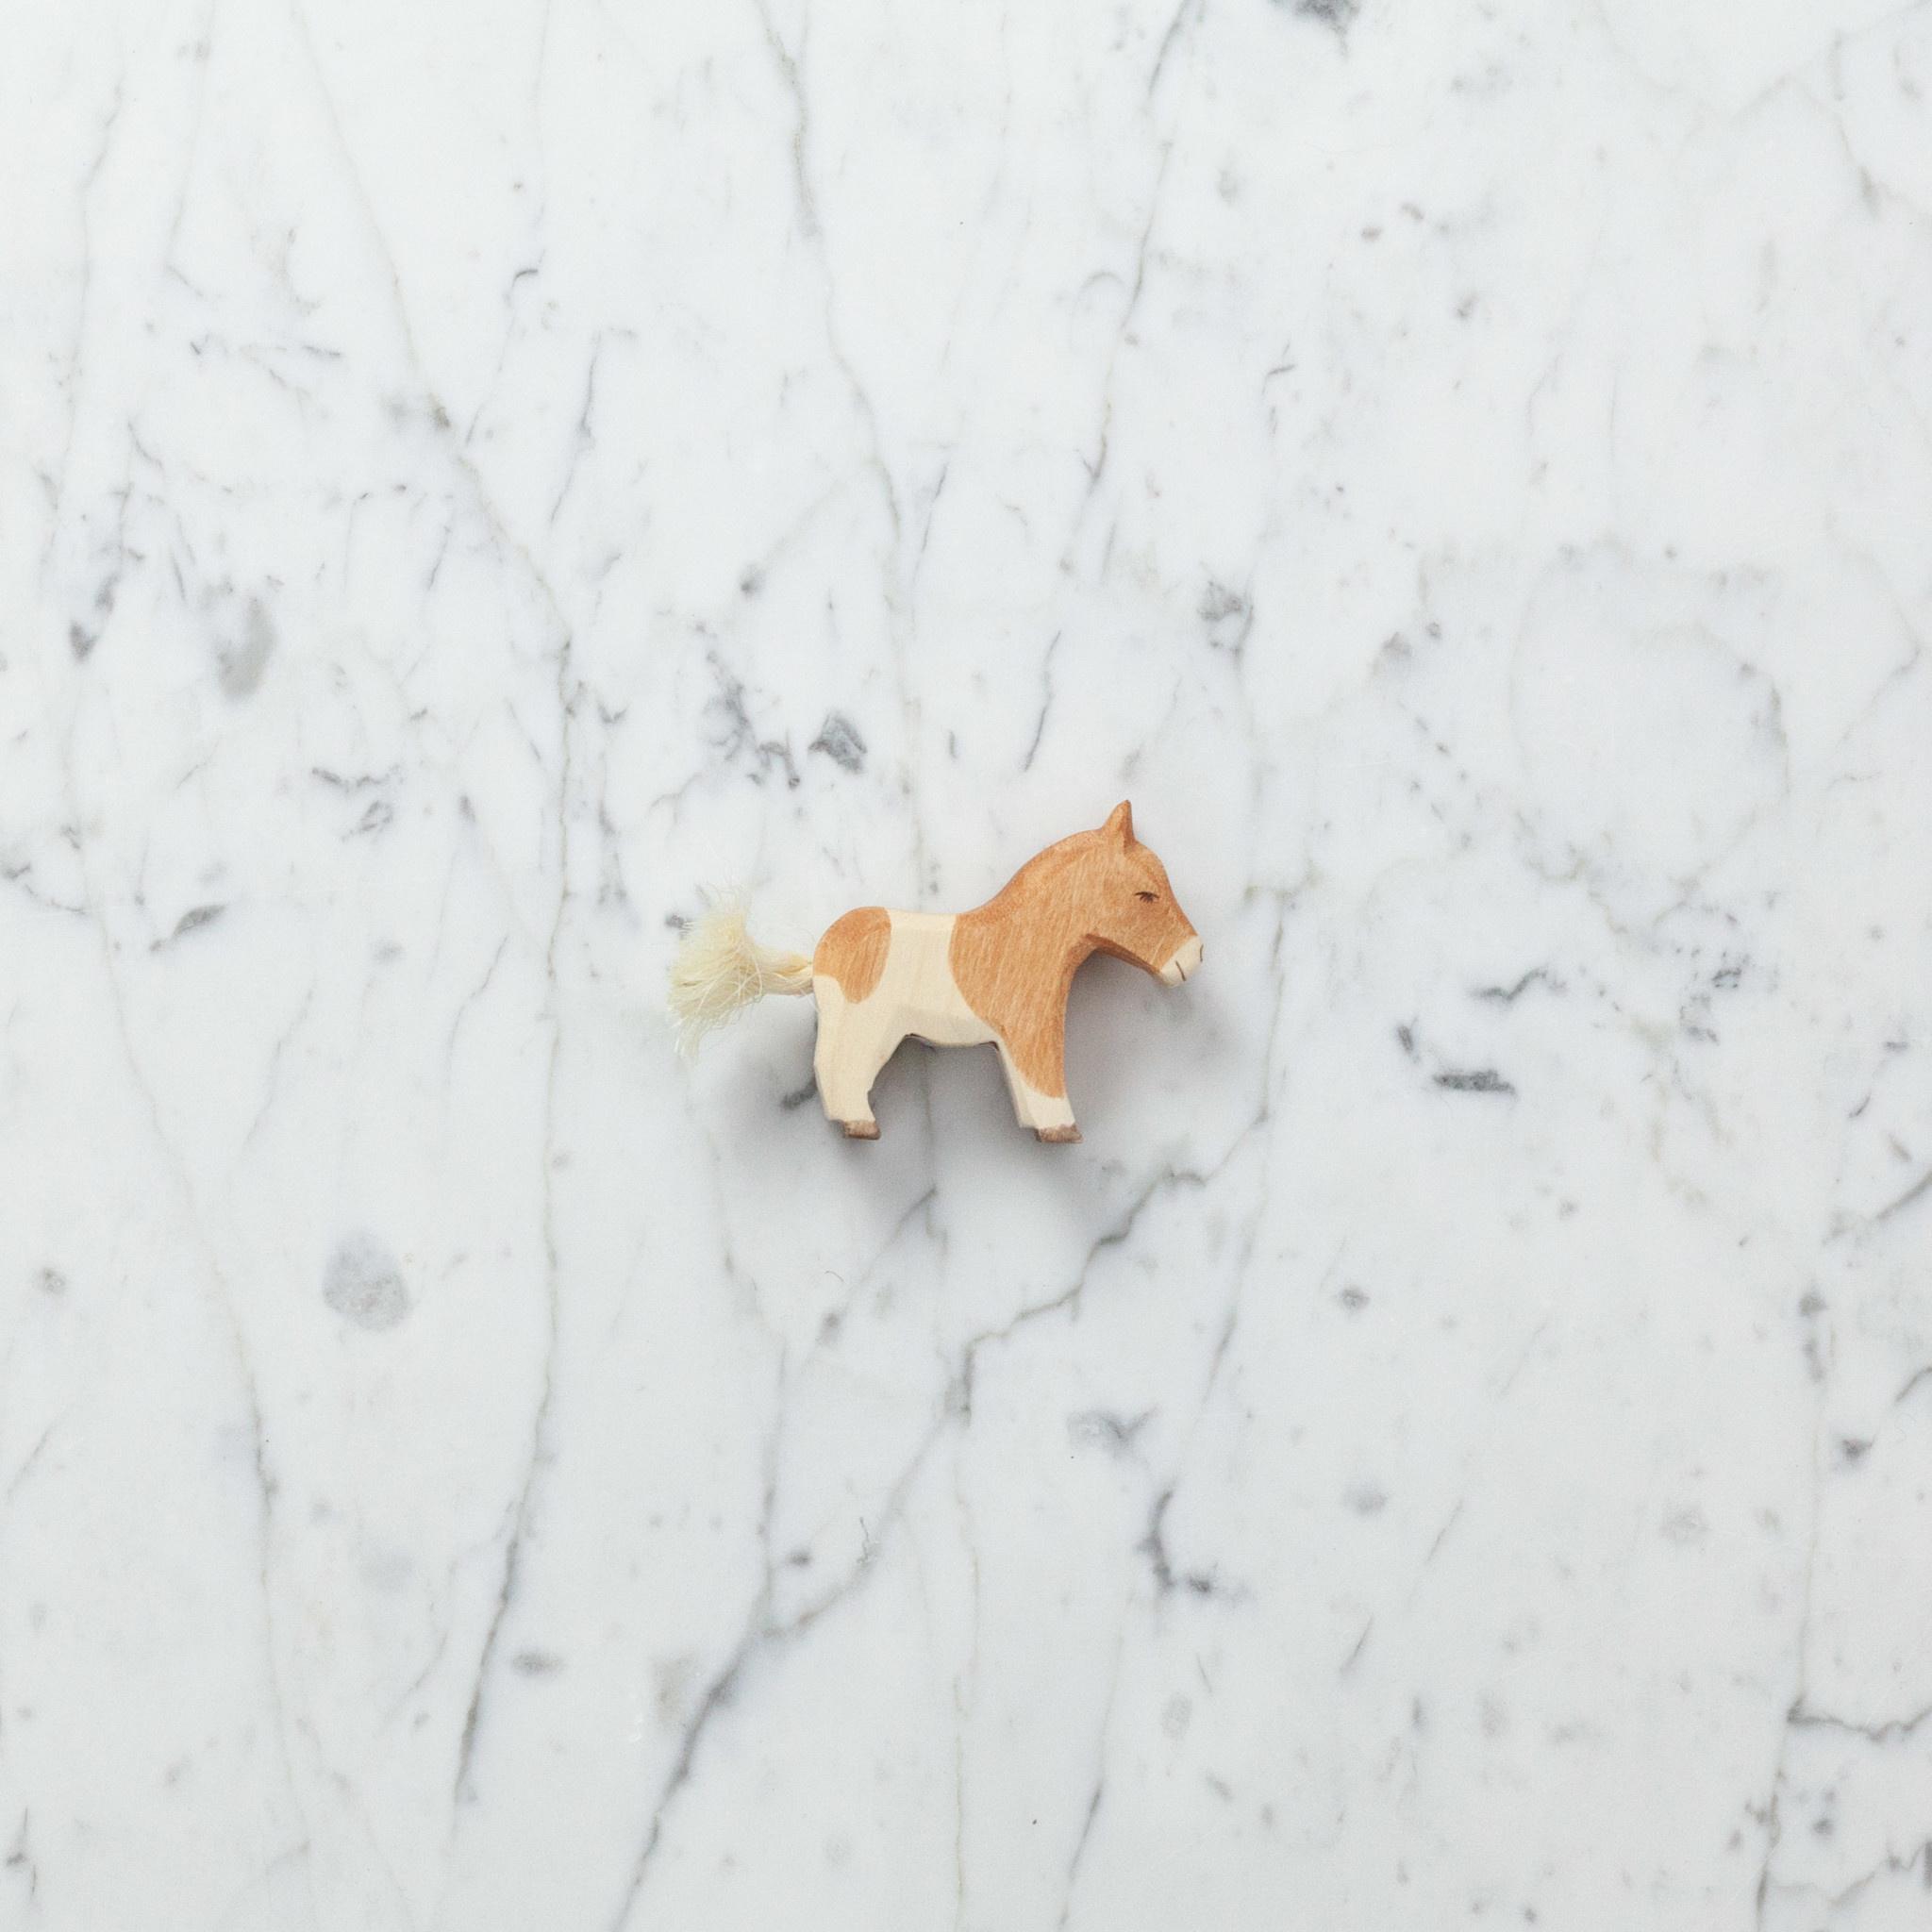 Ostheimer Toys Shetland Pony - Cream Chestnut